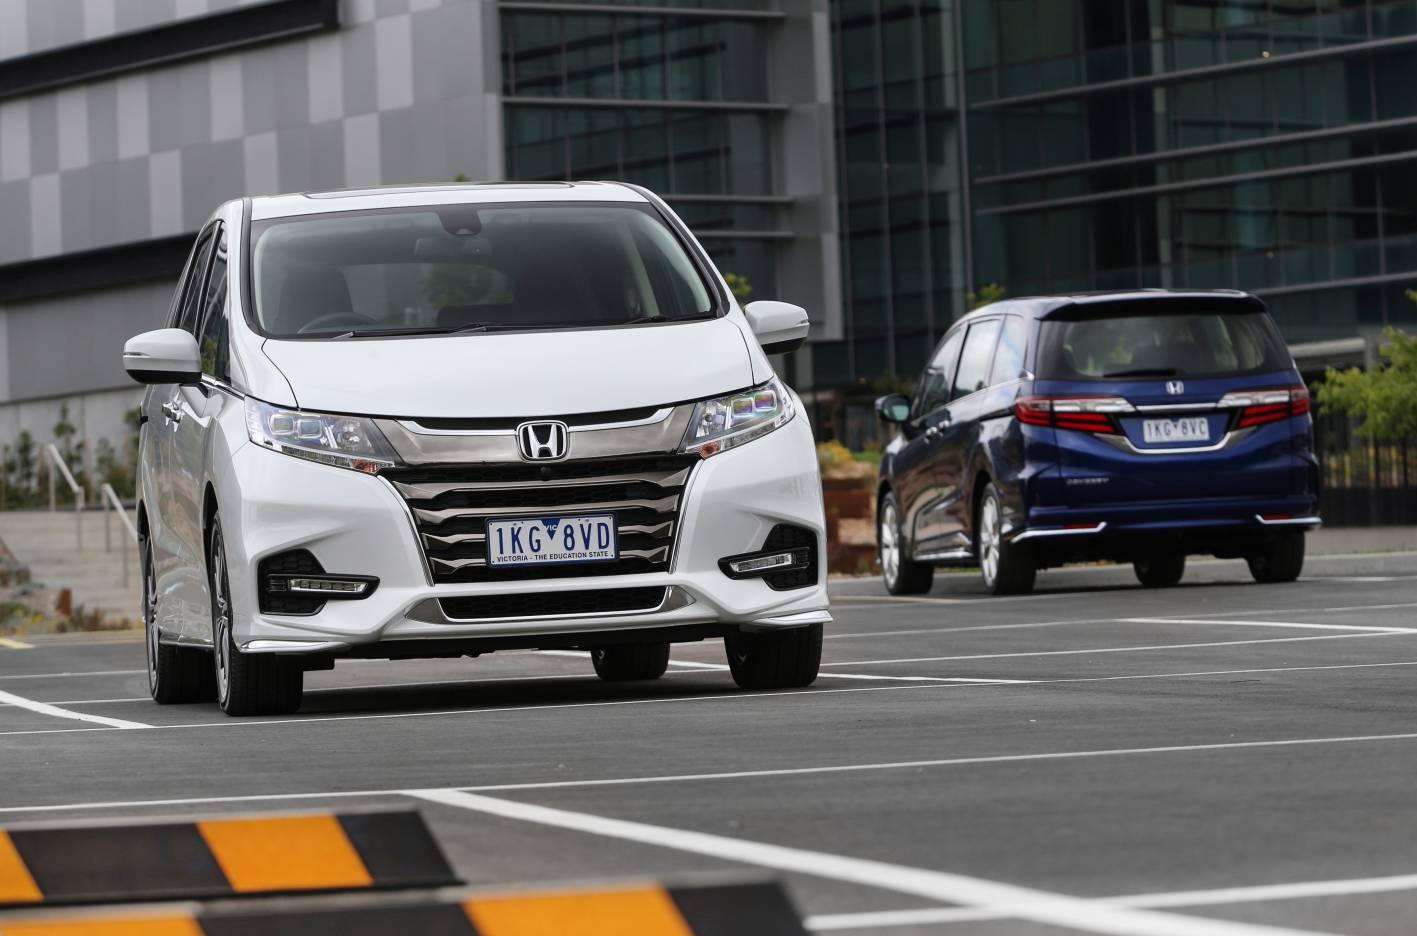 Honda Odyssey 2020 Redesign Honda Cars Review Release Raiacars Com